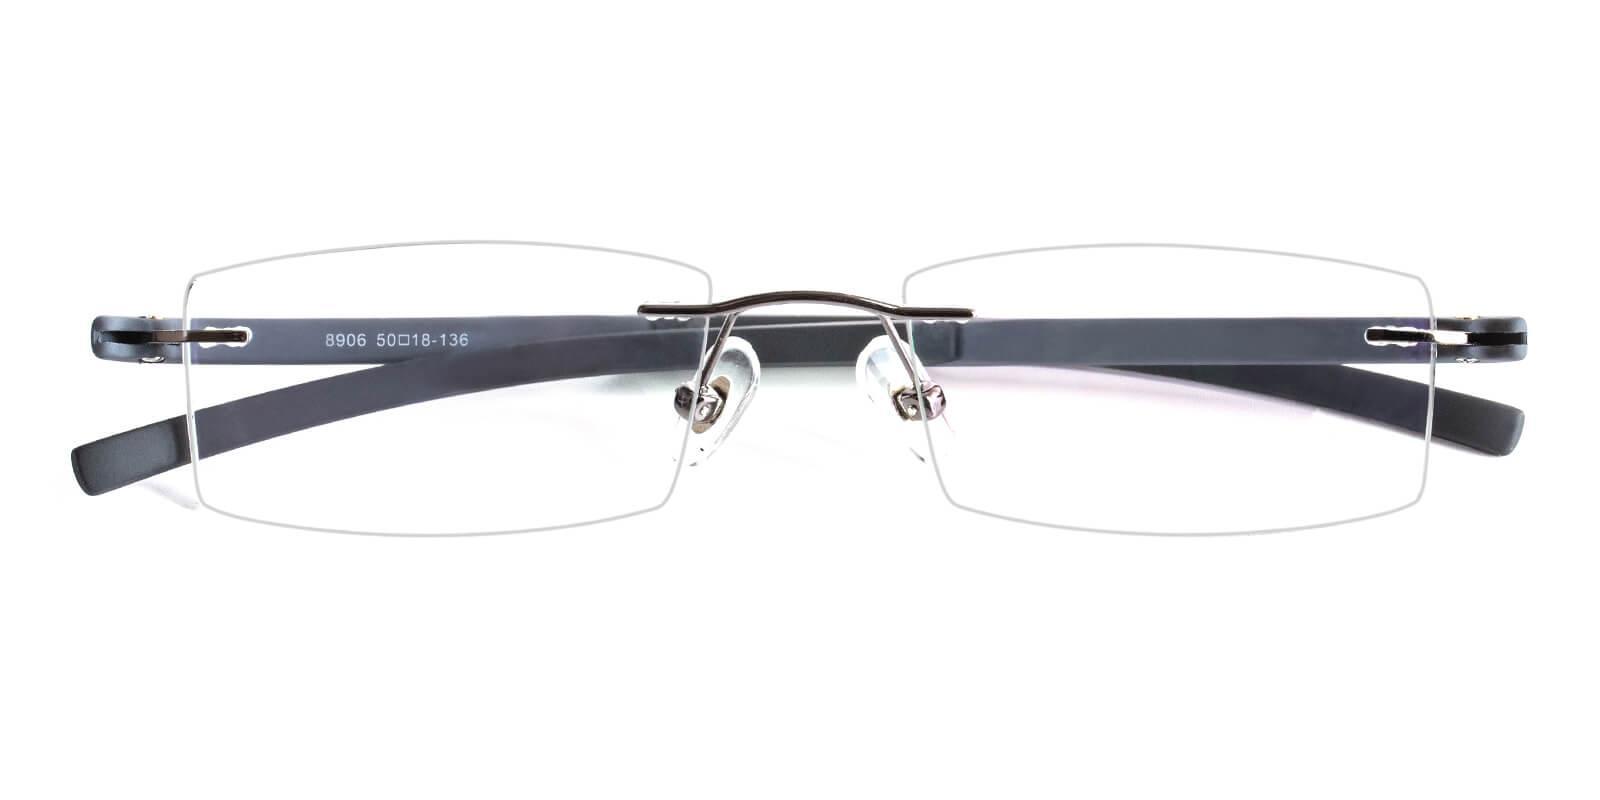 Trimming-Gray-Varieties-Acetate / Metal-Eyeglasses-detail